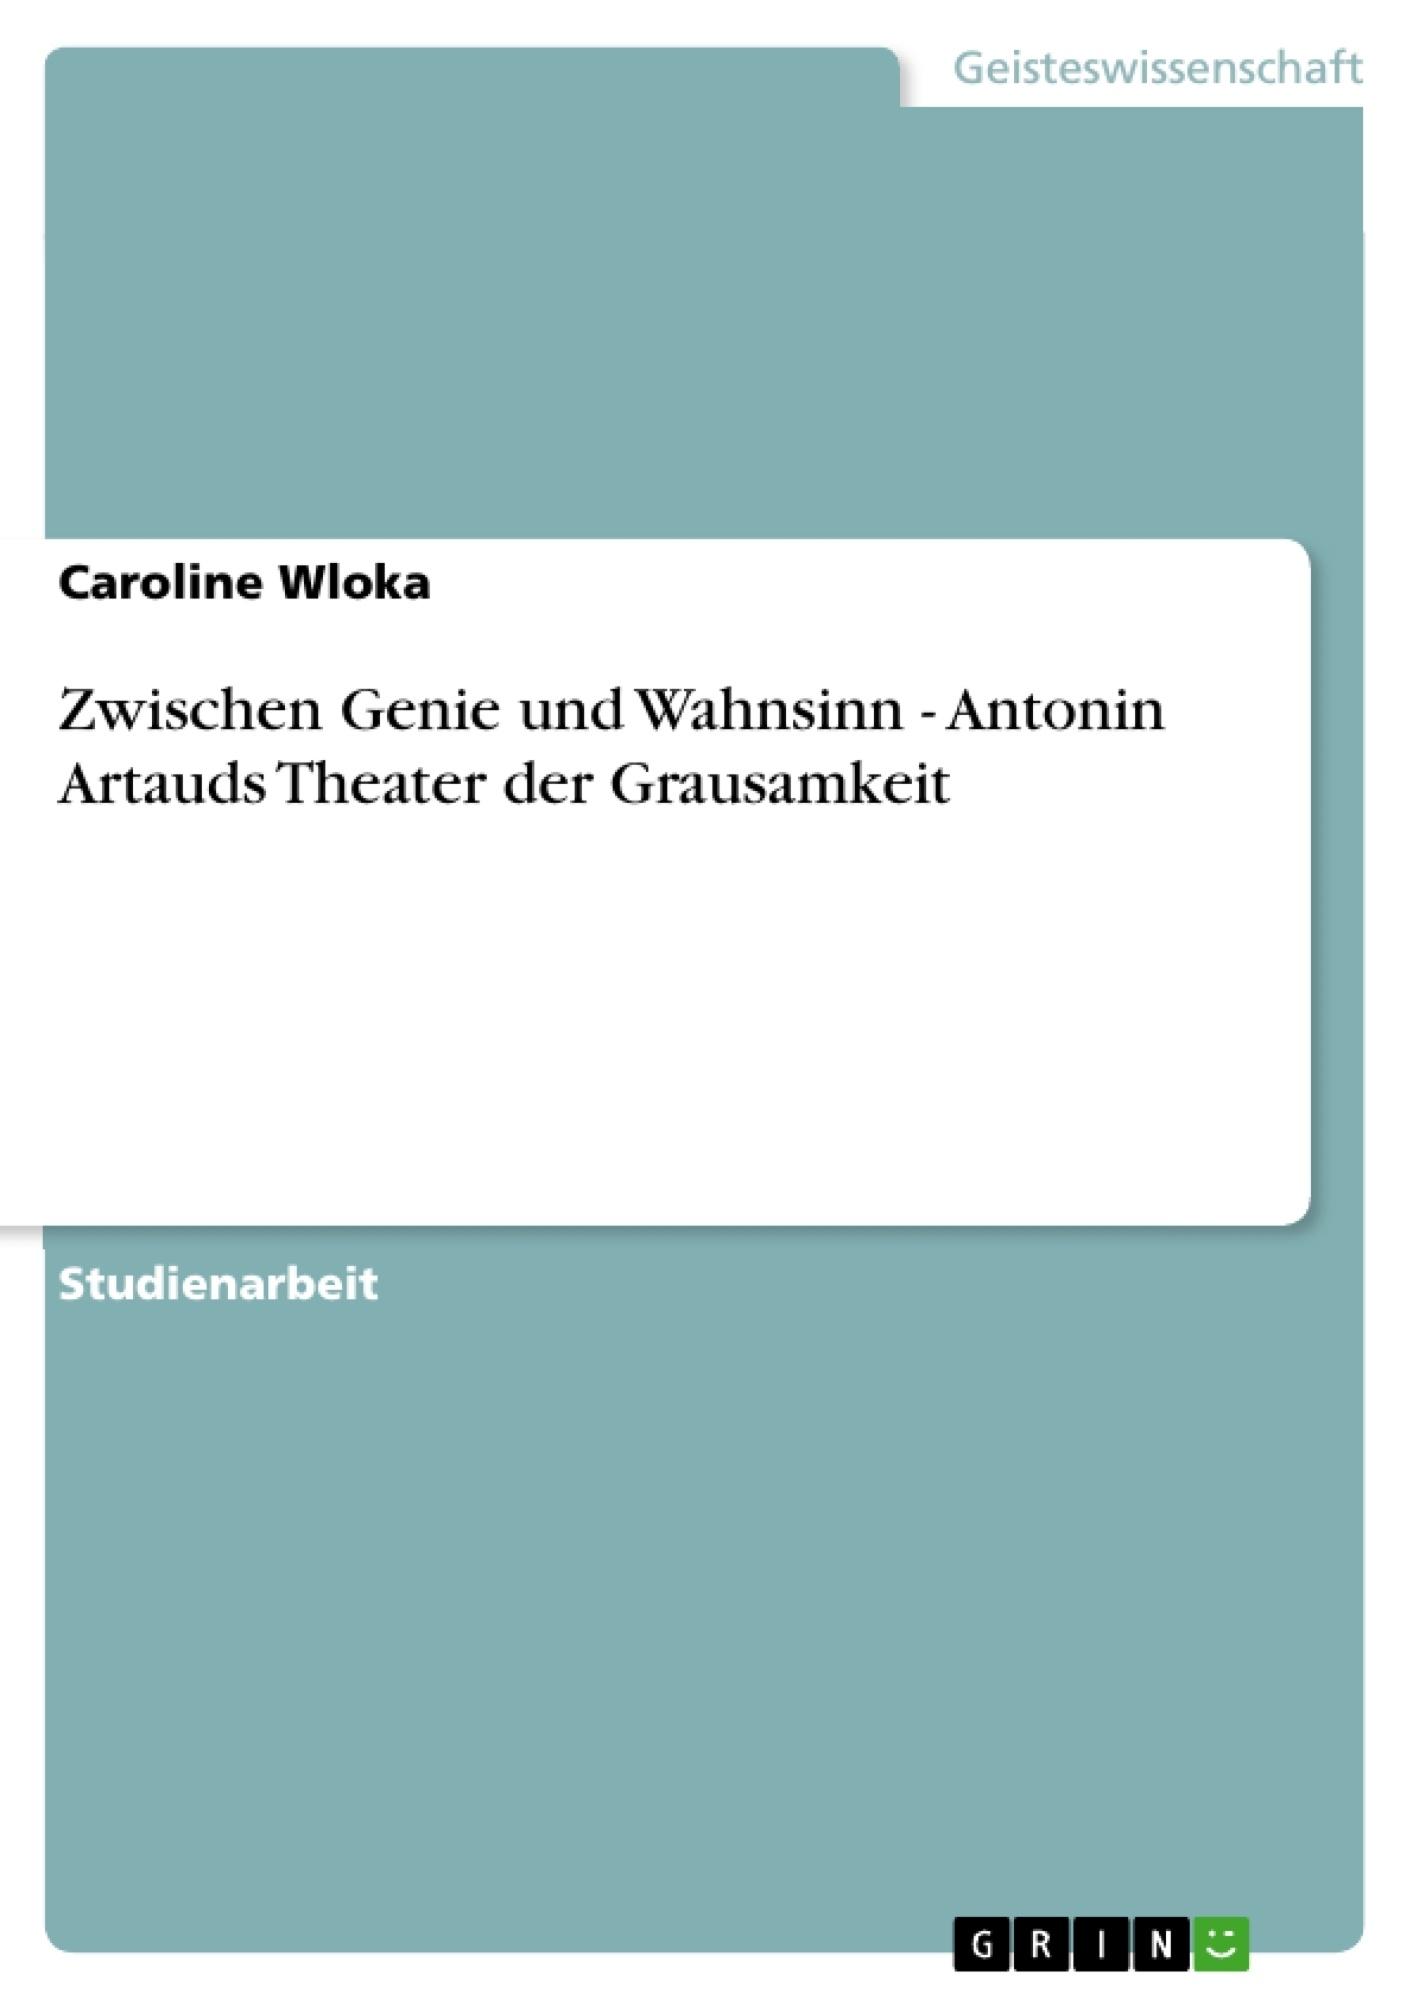 Titel: Zwischen Genie und Wahnsinn - Antonin Artauds Theater der Grausamkeit